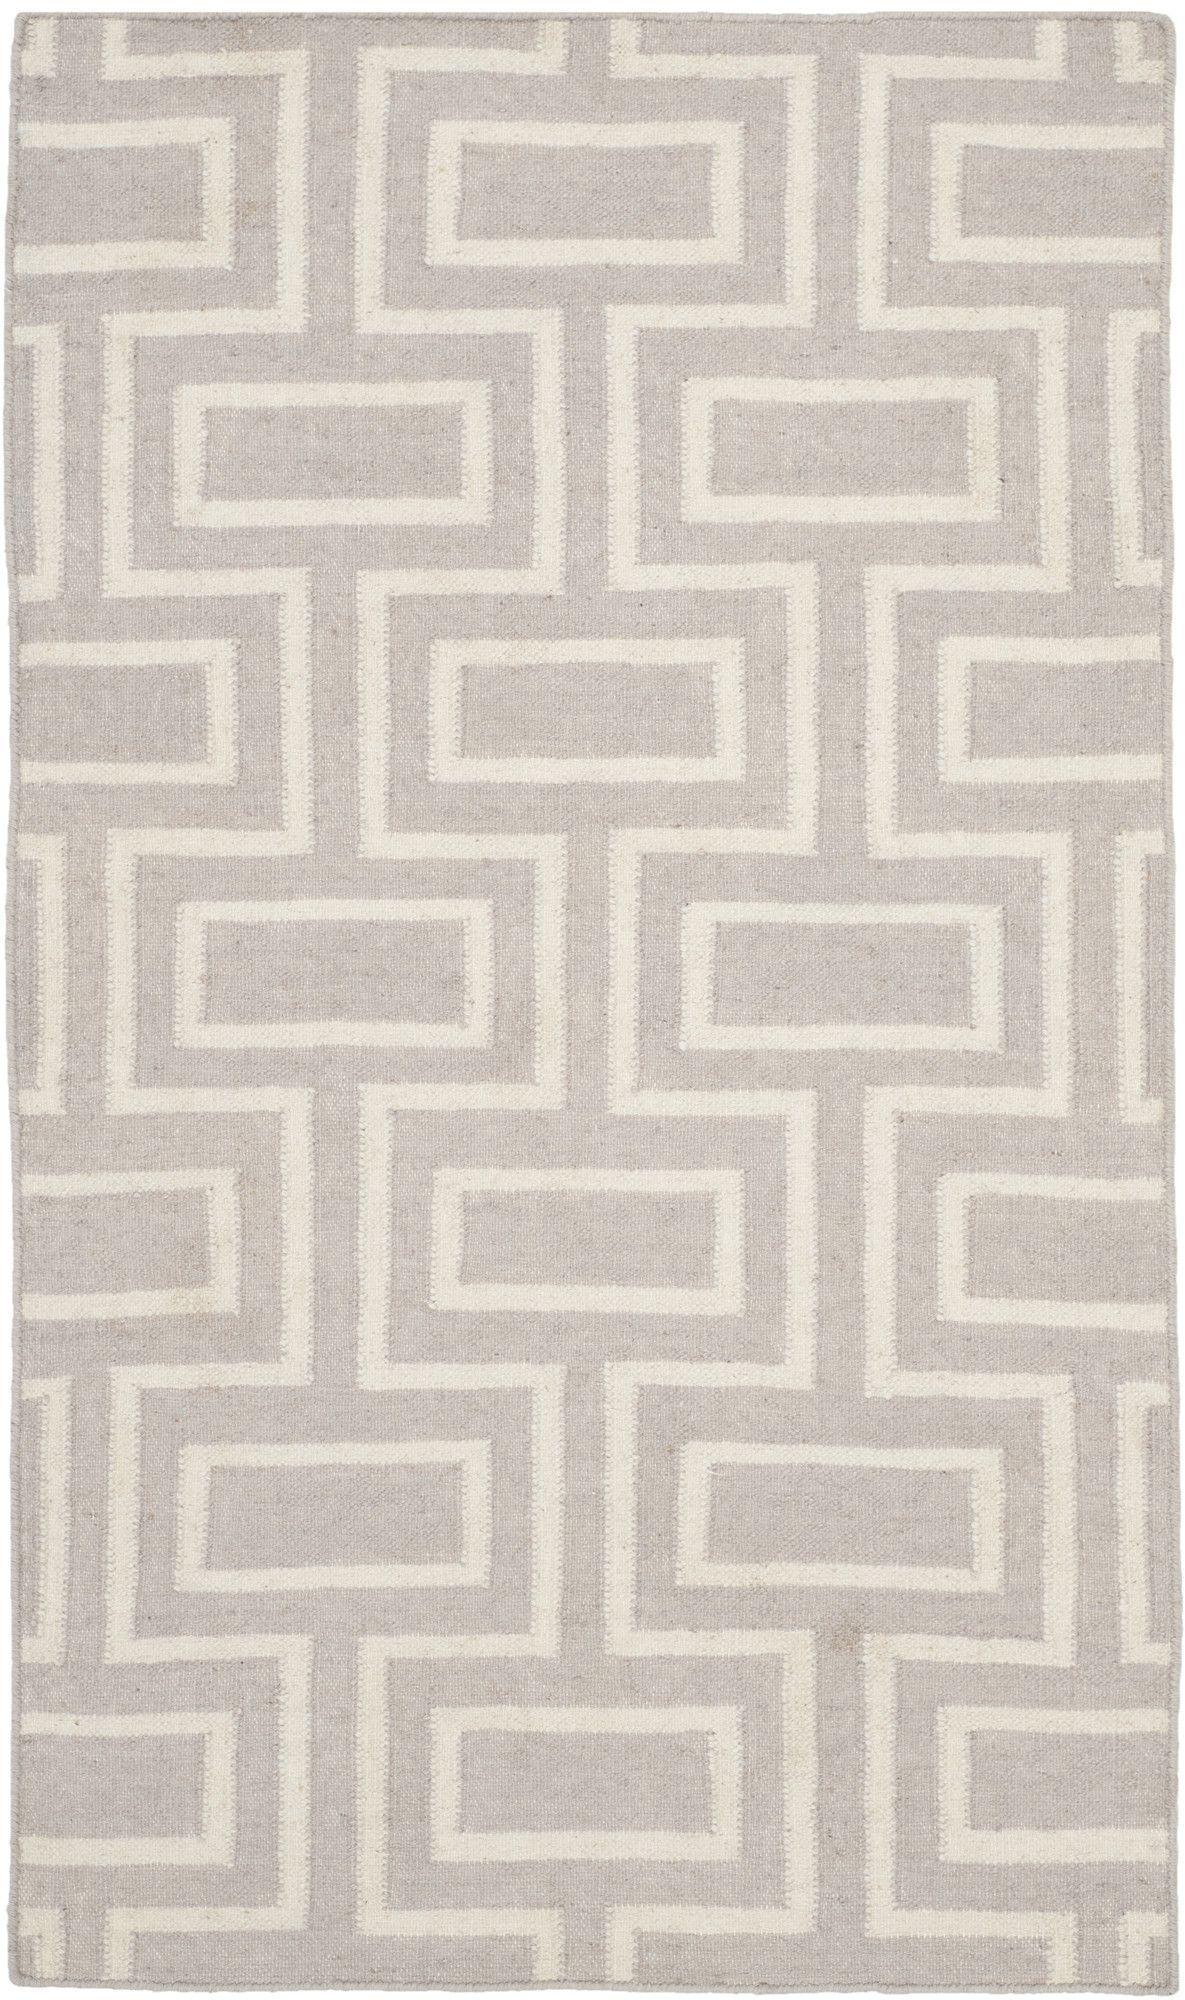 Dhurries Grey Ivory Area Rug Ii Flat Weave Wool Rug Wool Area Rugs Wool Rug